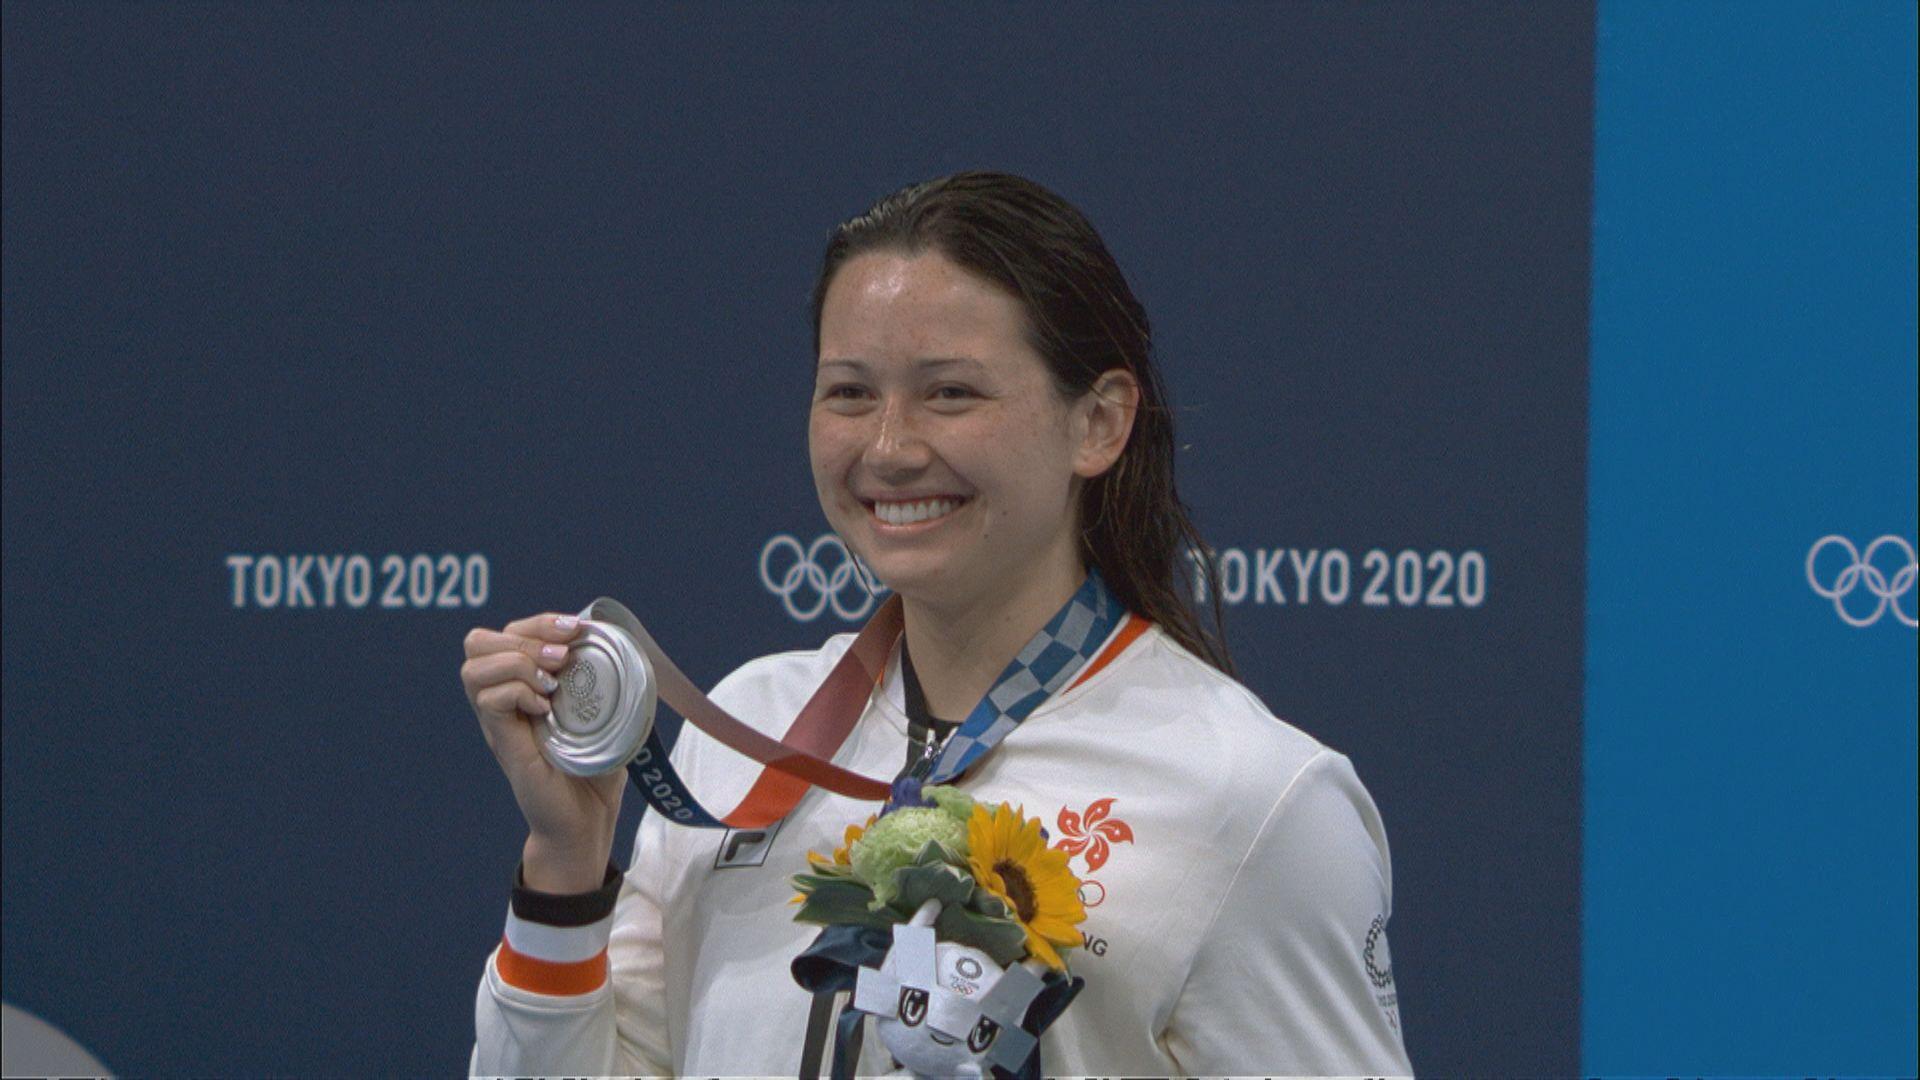 【港隊再創佳績】何詩蓓女子200米自由泳摘銀 同時打破亞洲紀錄